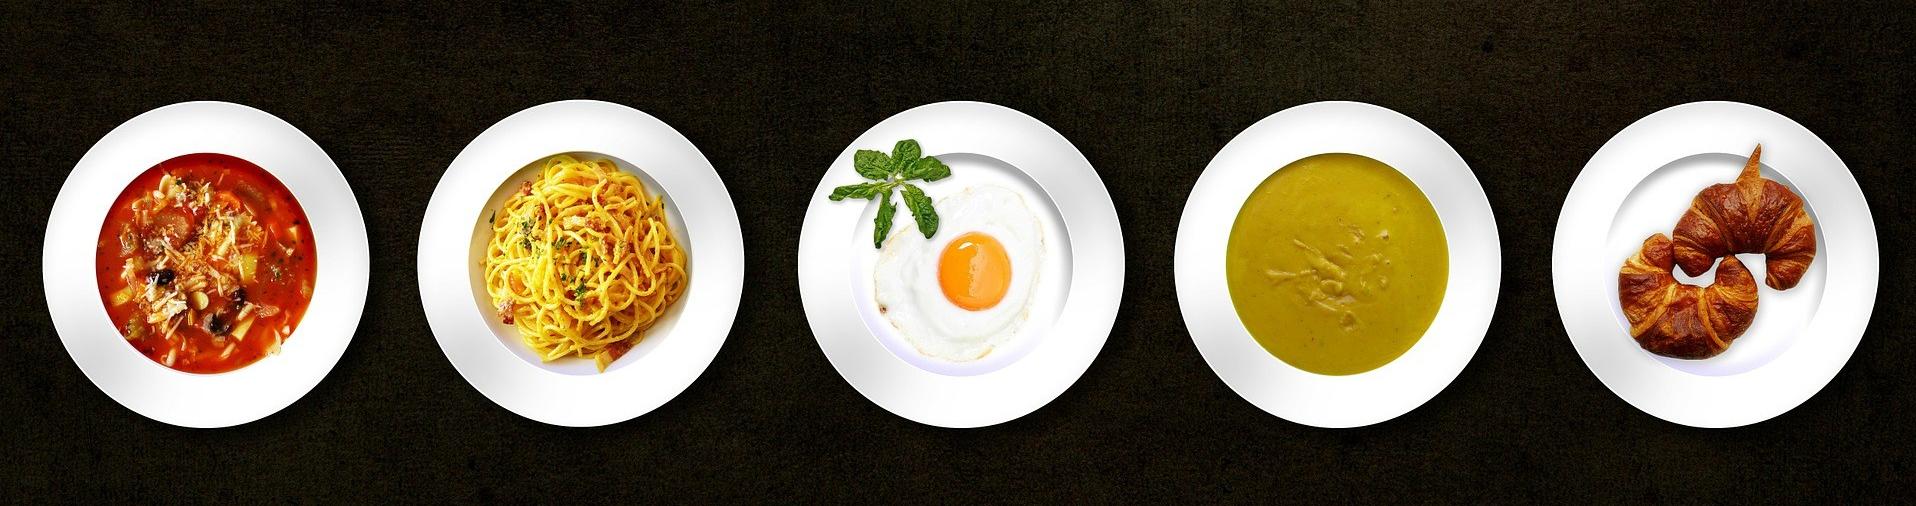 Figura 1. Alimentación y nutrientes